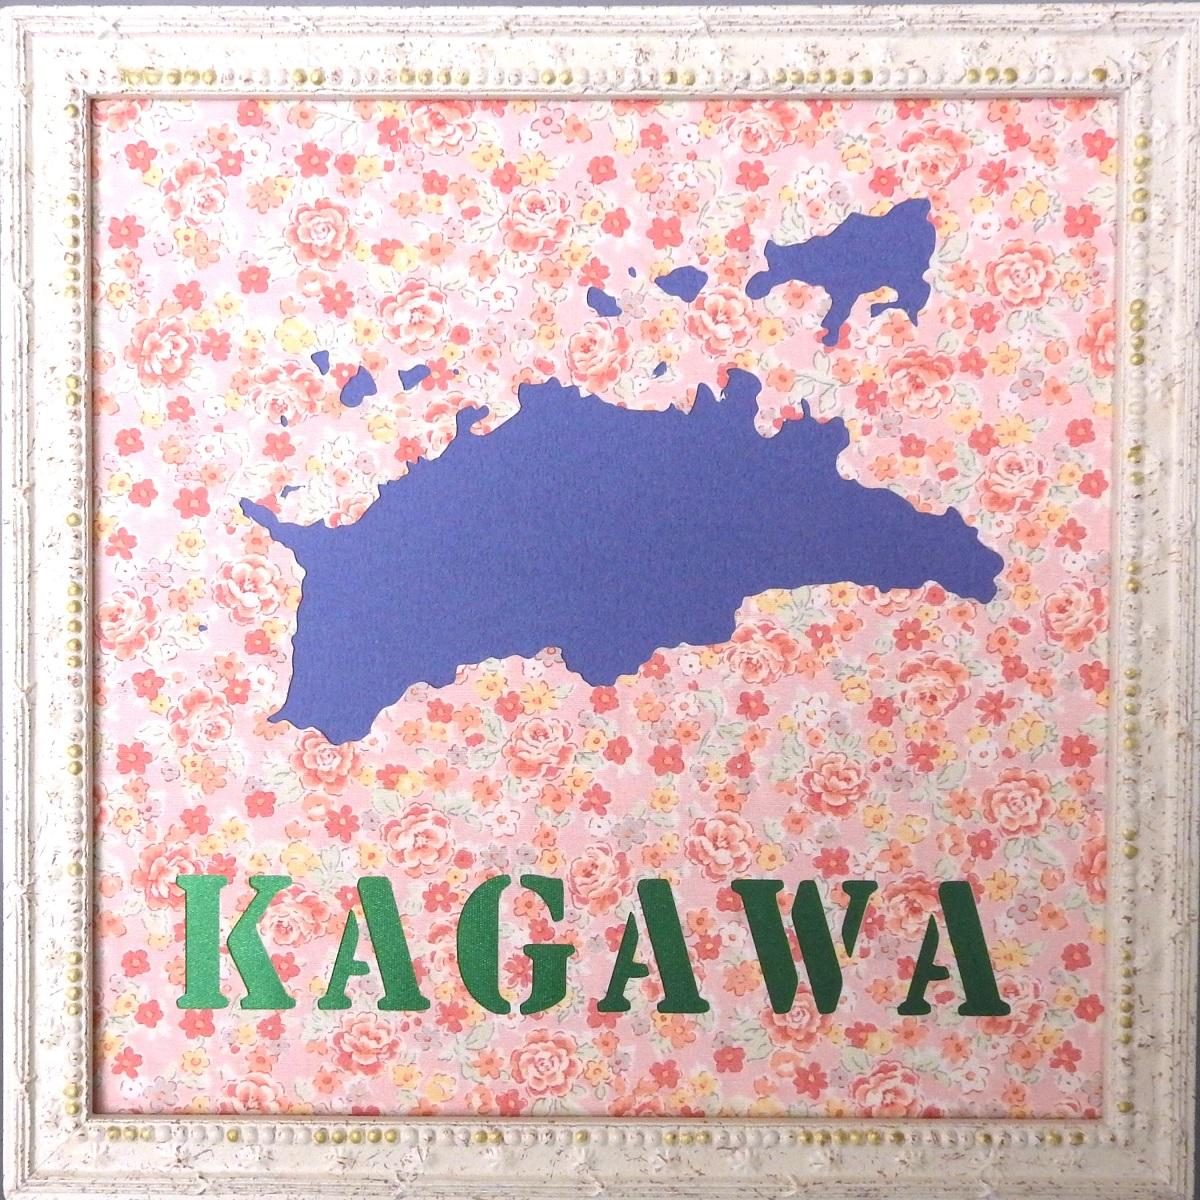 日本で最も小さな県香川県の地図をモチーフにした壁飾りです。220mmの正方形です。